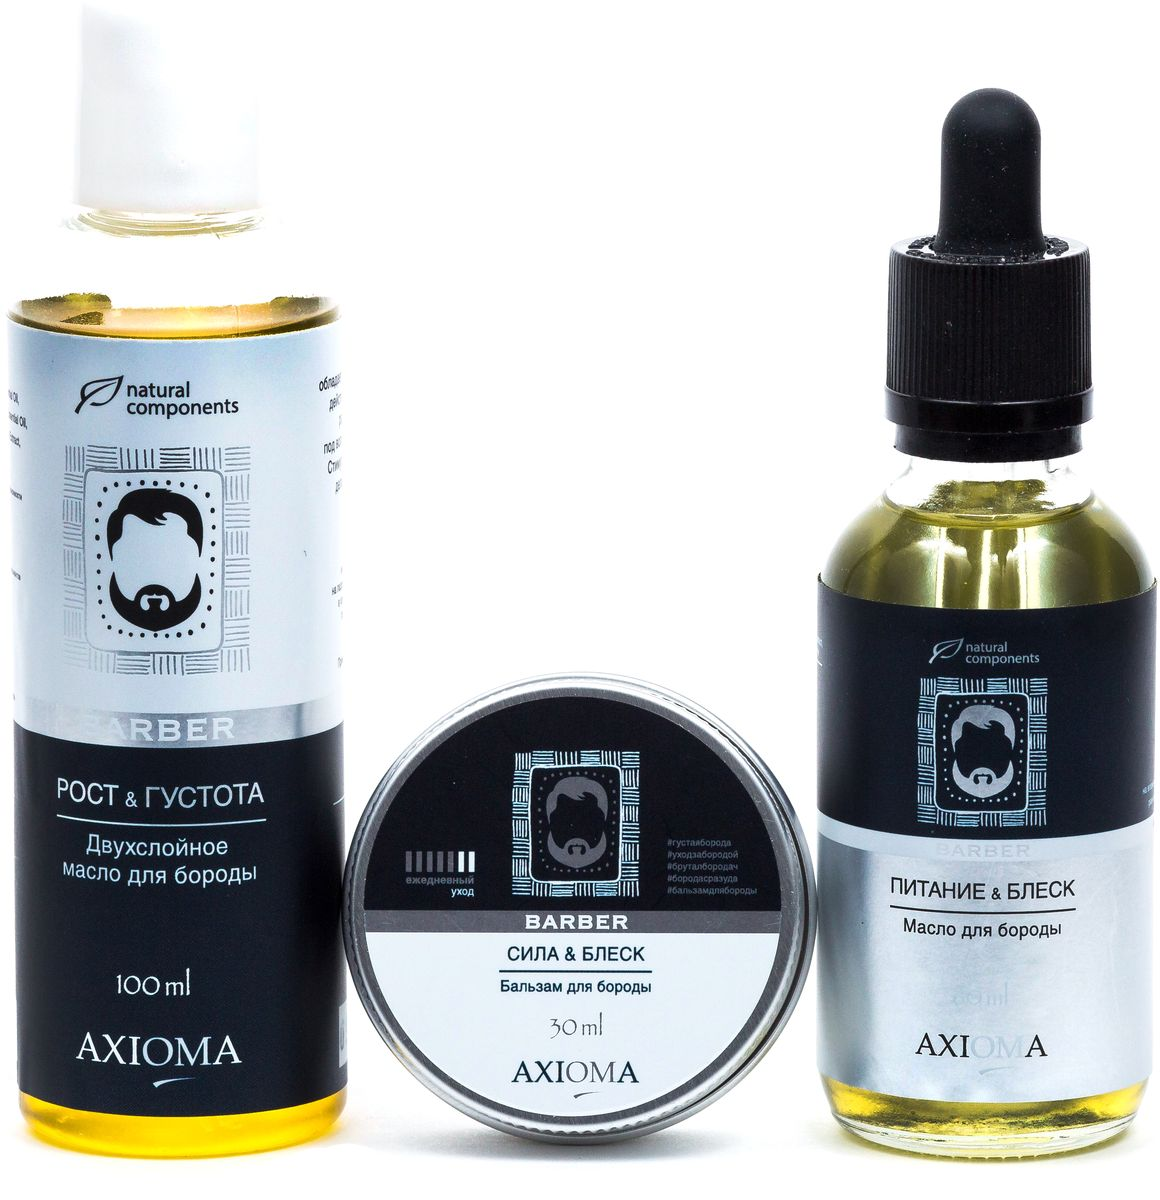 Axioma Набор для бороды и усов Расти борода8042Комплексный уход для желающих иметь красивую и ухоженную бороду. Экономичный расход позволит долгое время ухаживать за растительностью на лице и сократить расходы на посещение barber-салонов.